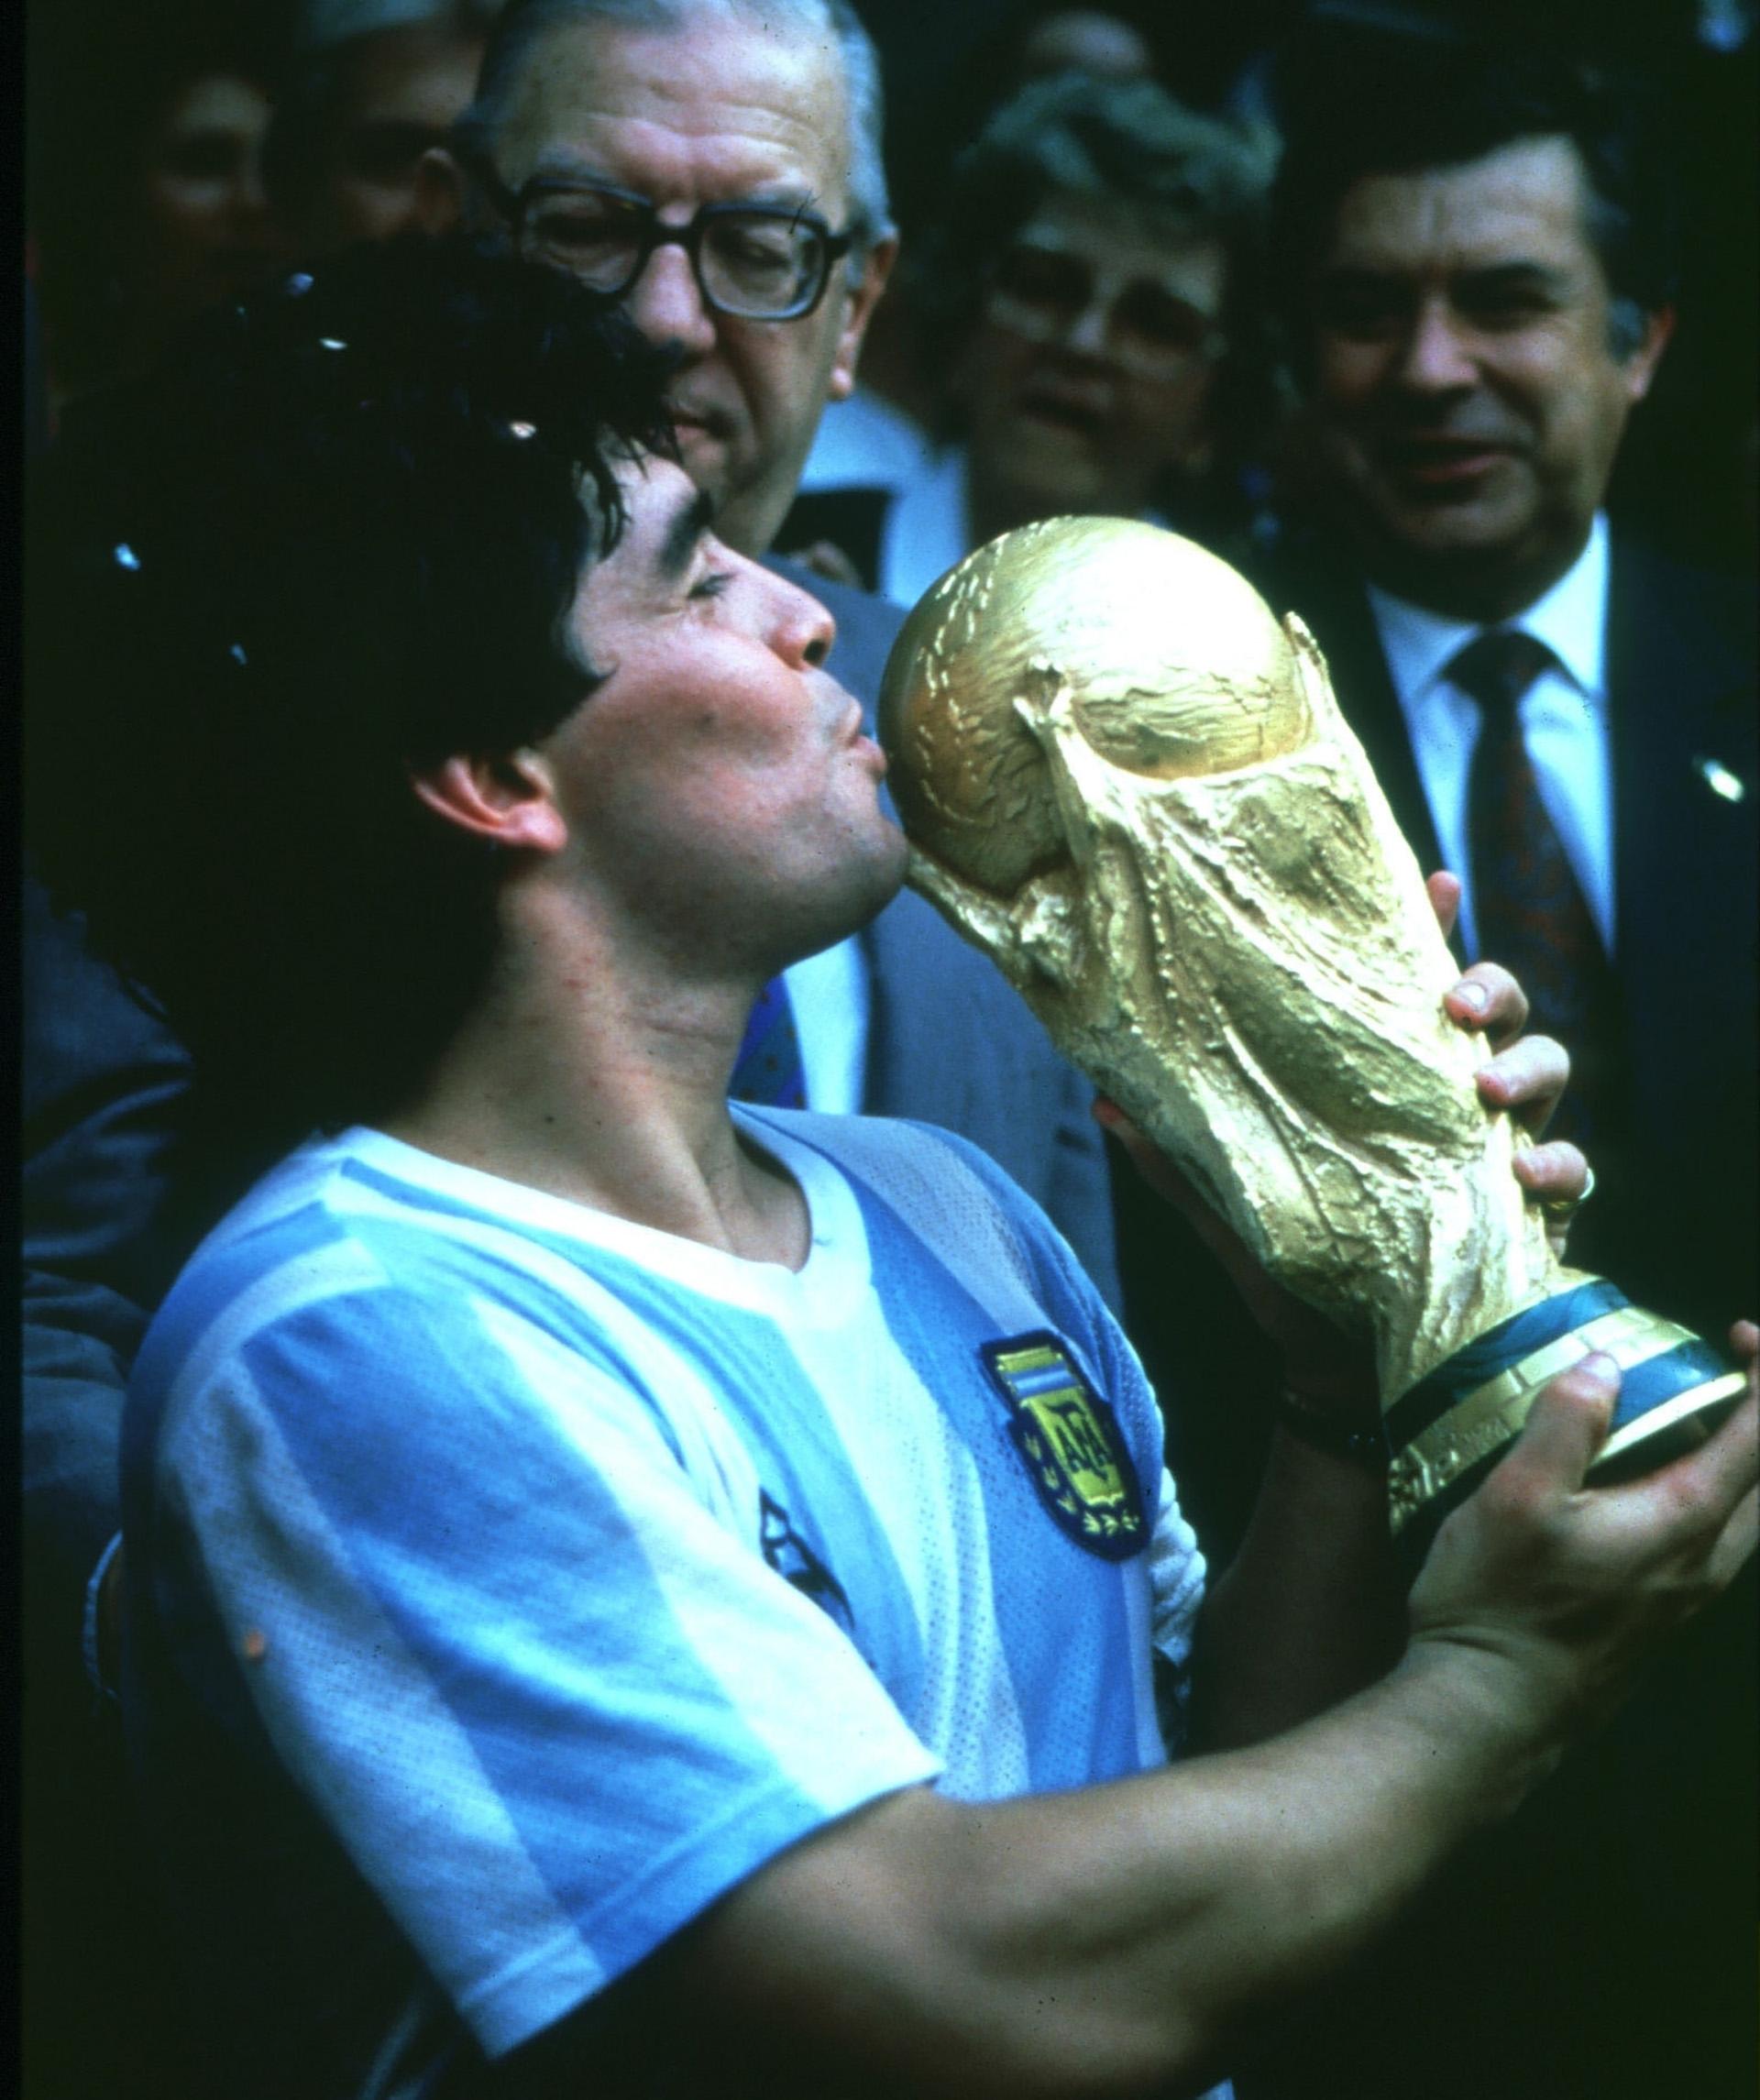 La histórica imagen de Diego Armando Maradona besando la Copa del Mundo